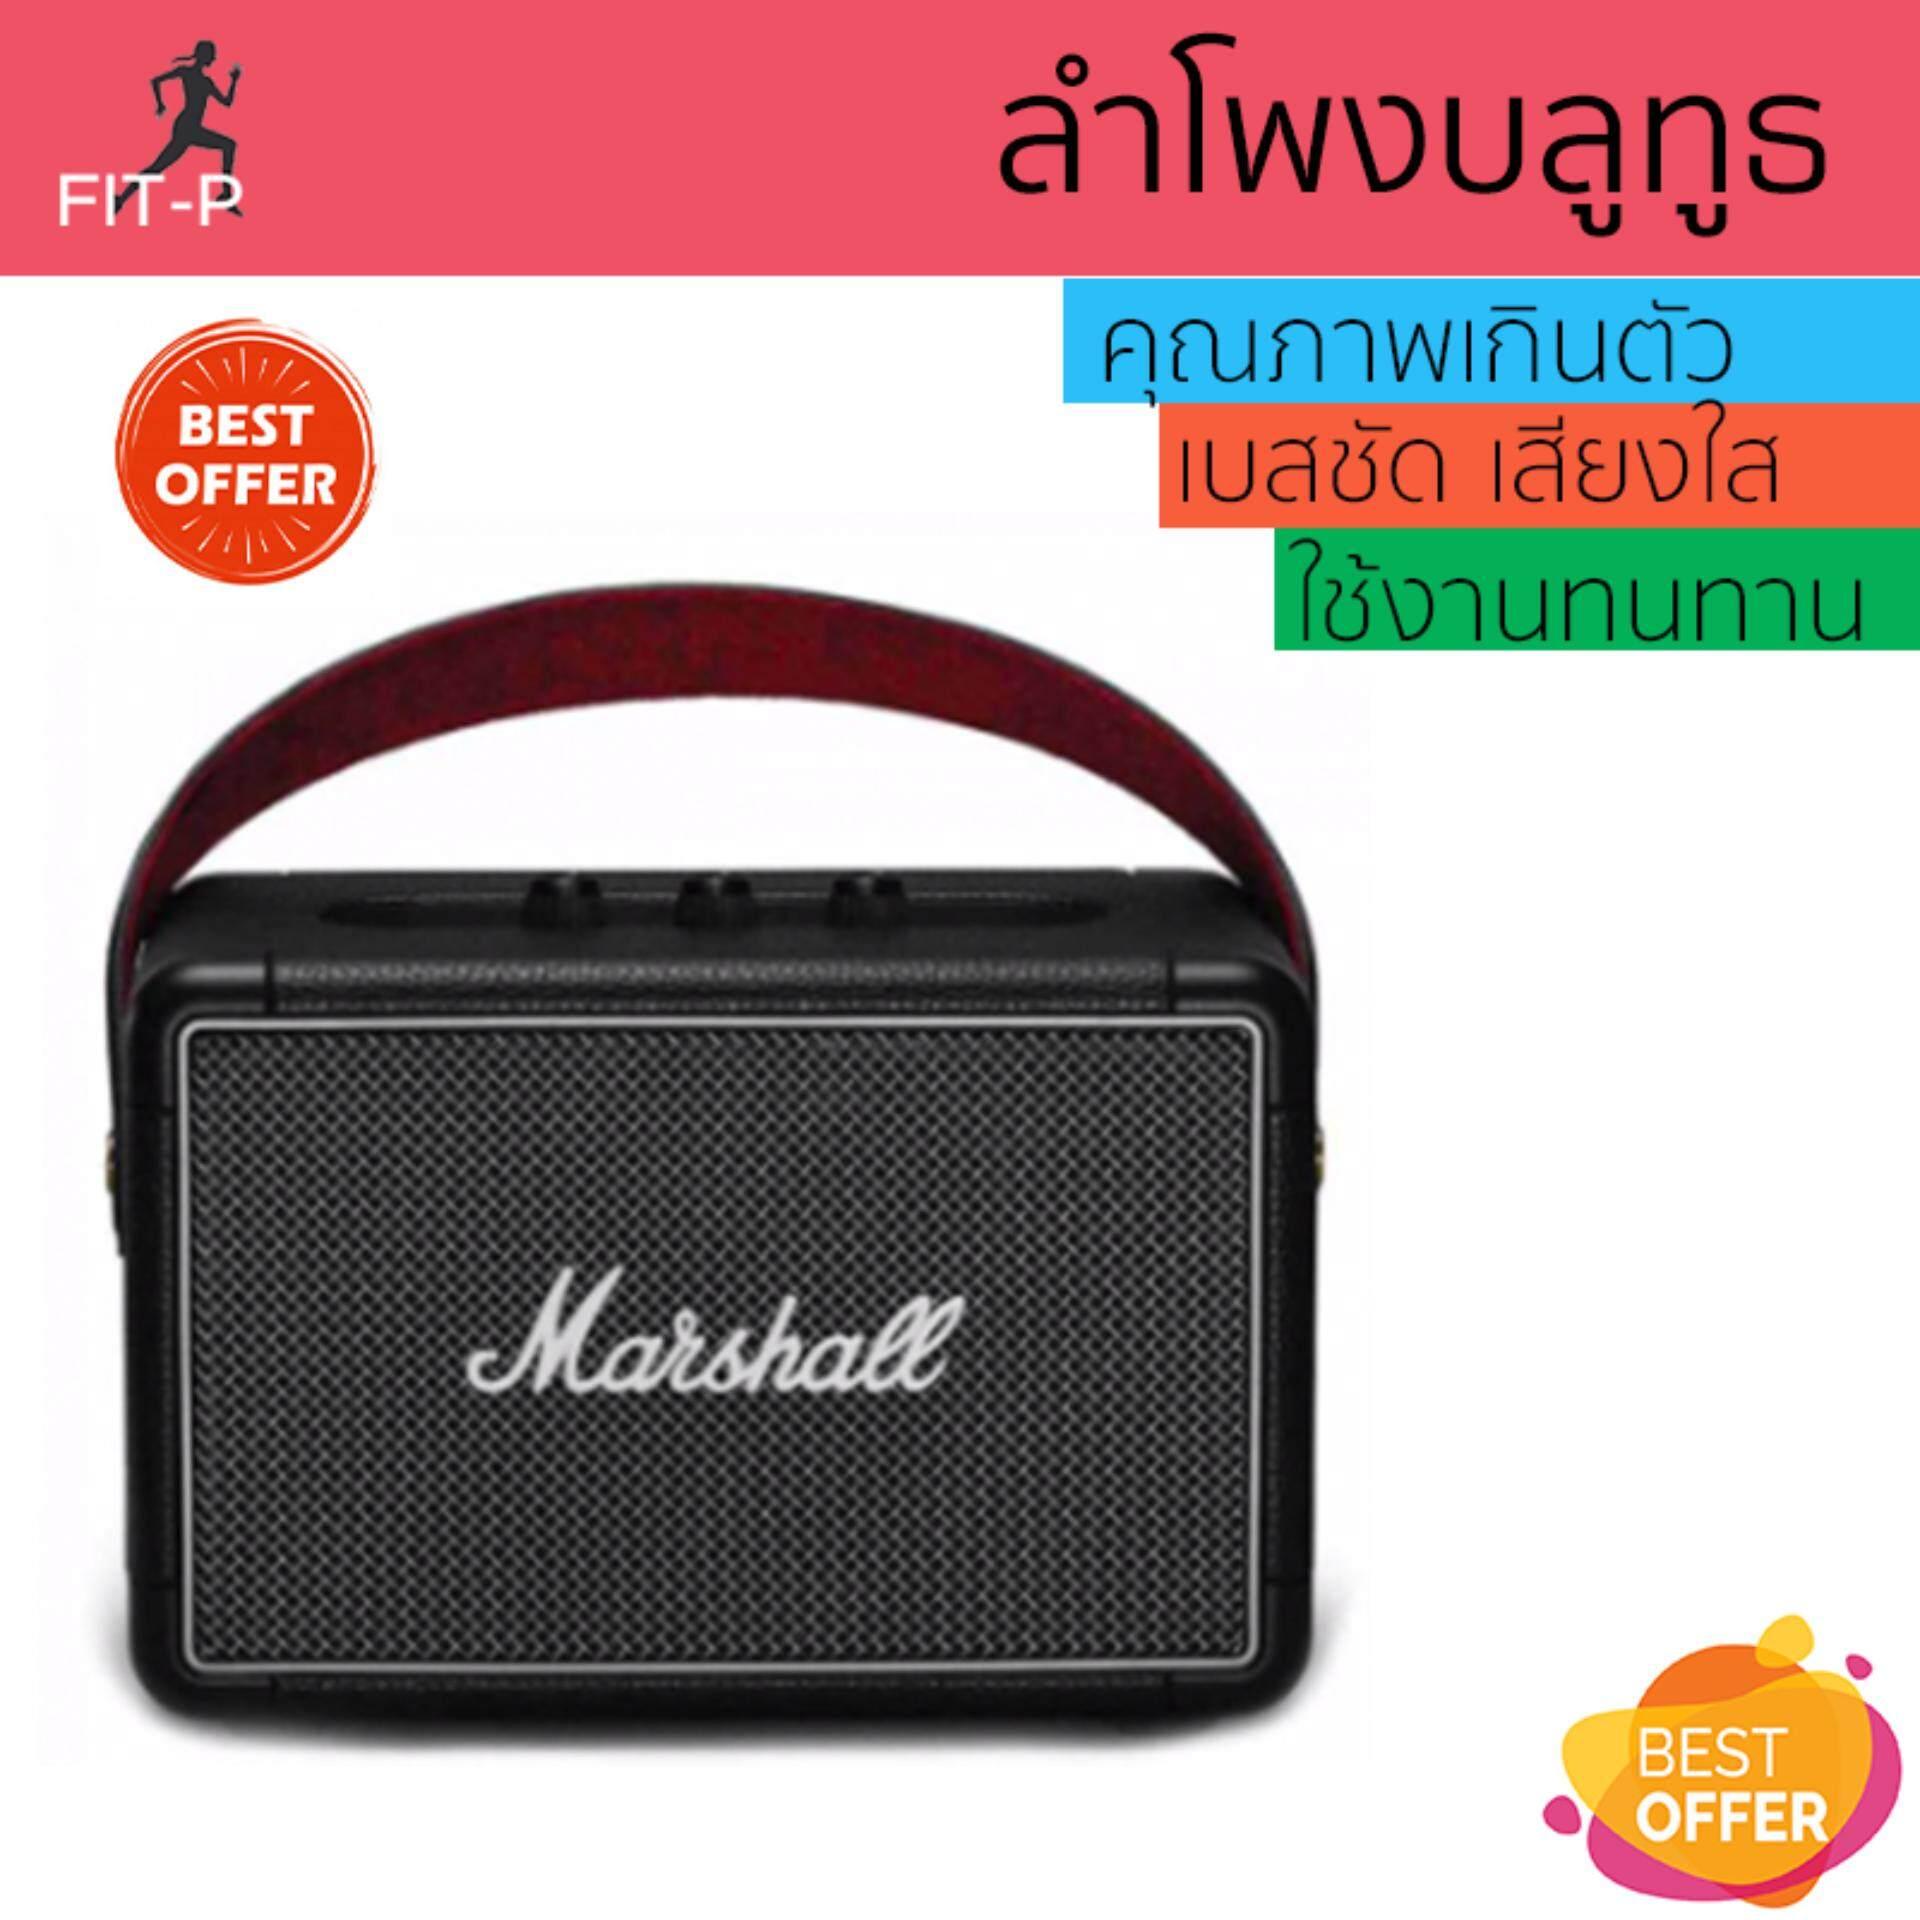 การใช้งาน  จัดส่งฟรี ลำโพงบลูทูธ  Marshall Bluetooth Speaker 2.1 Kilburn II Black เสียงใส คุณภาพเกินตัว Wireless Bluetooth Speaker รับประกัน 1 ปี